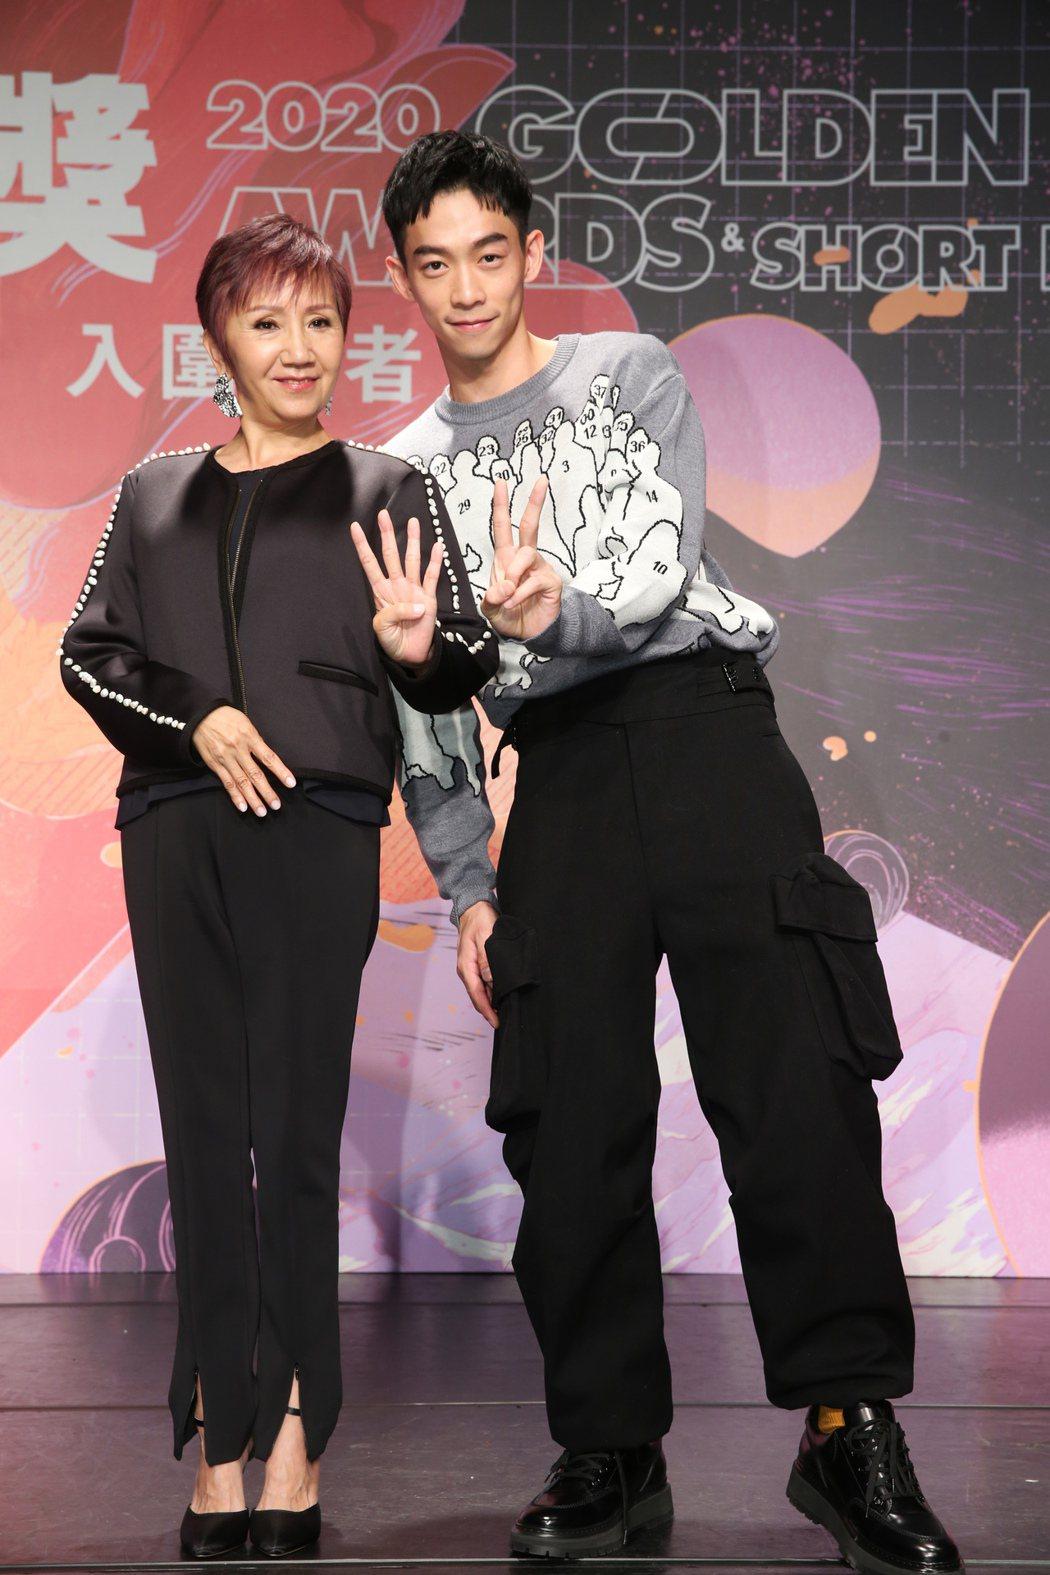 金鐘影后陸弈靜(左)、新生代演員王可元(右)連袂出席第42屆金穗獎入圍記者會擔任